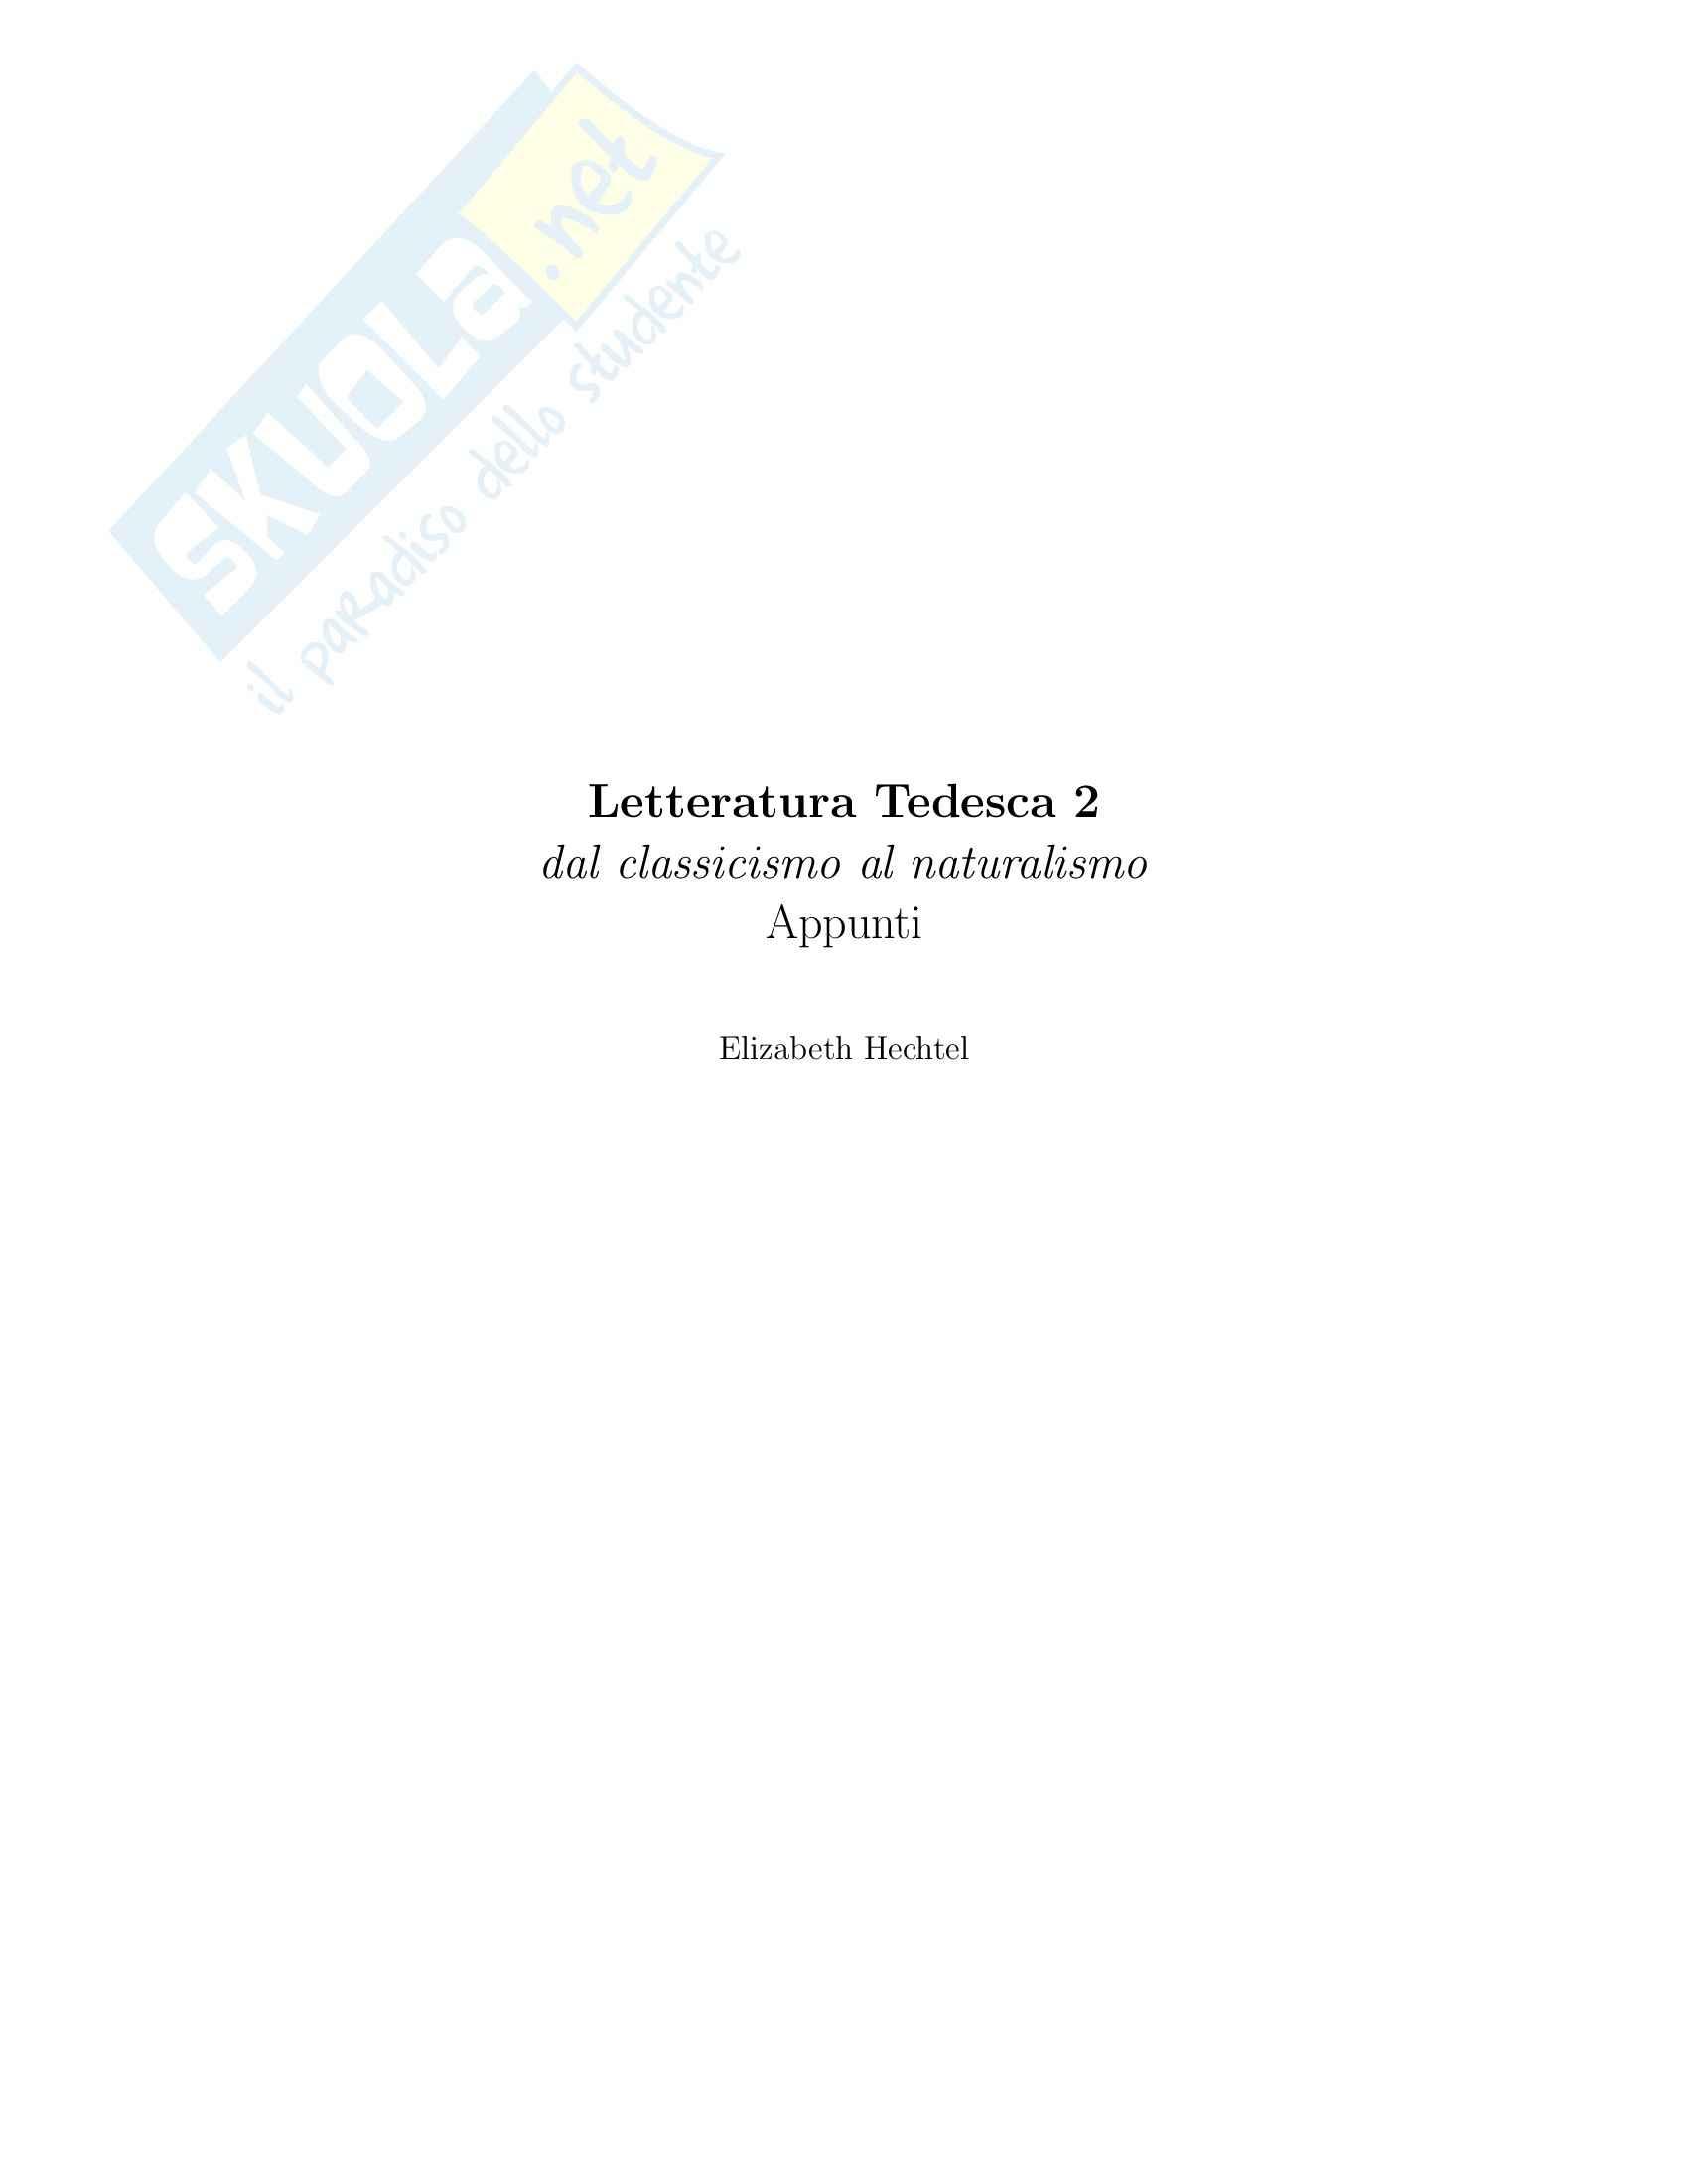 Letteratura Tedesca 2 - Dal classicismo al naturalismo